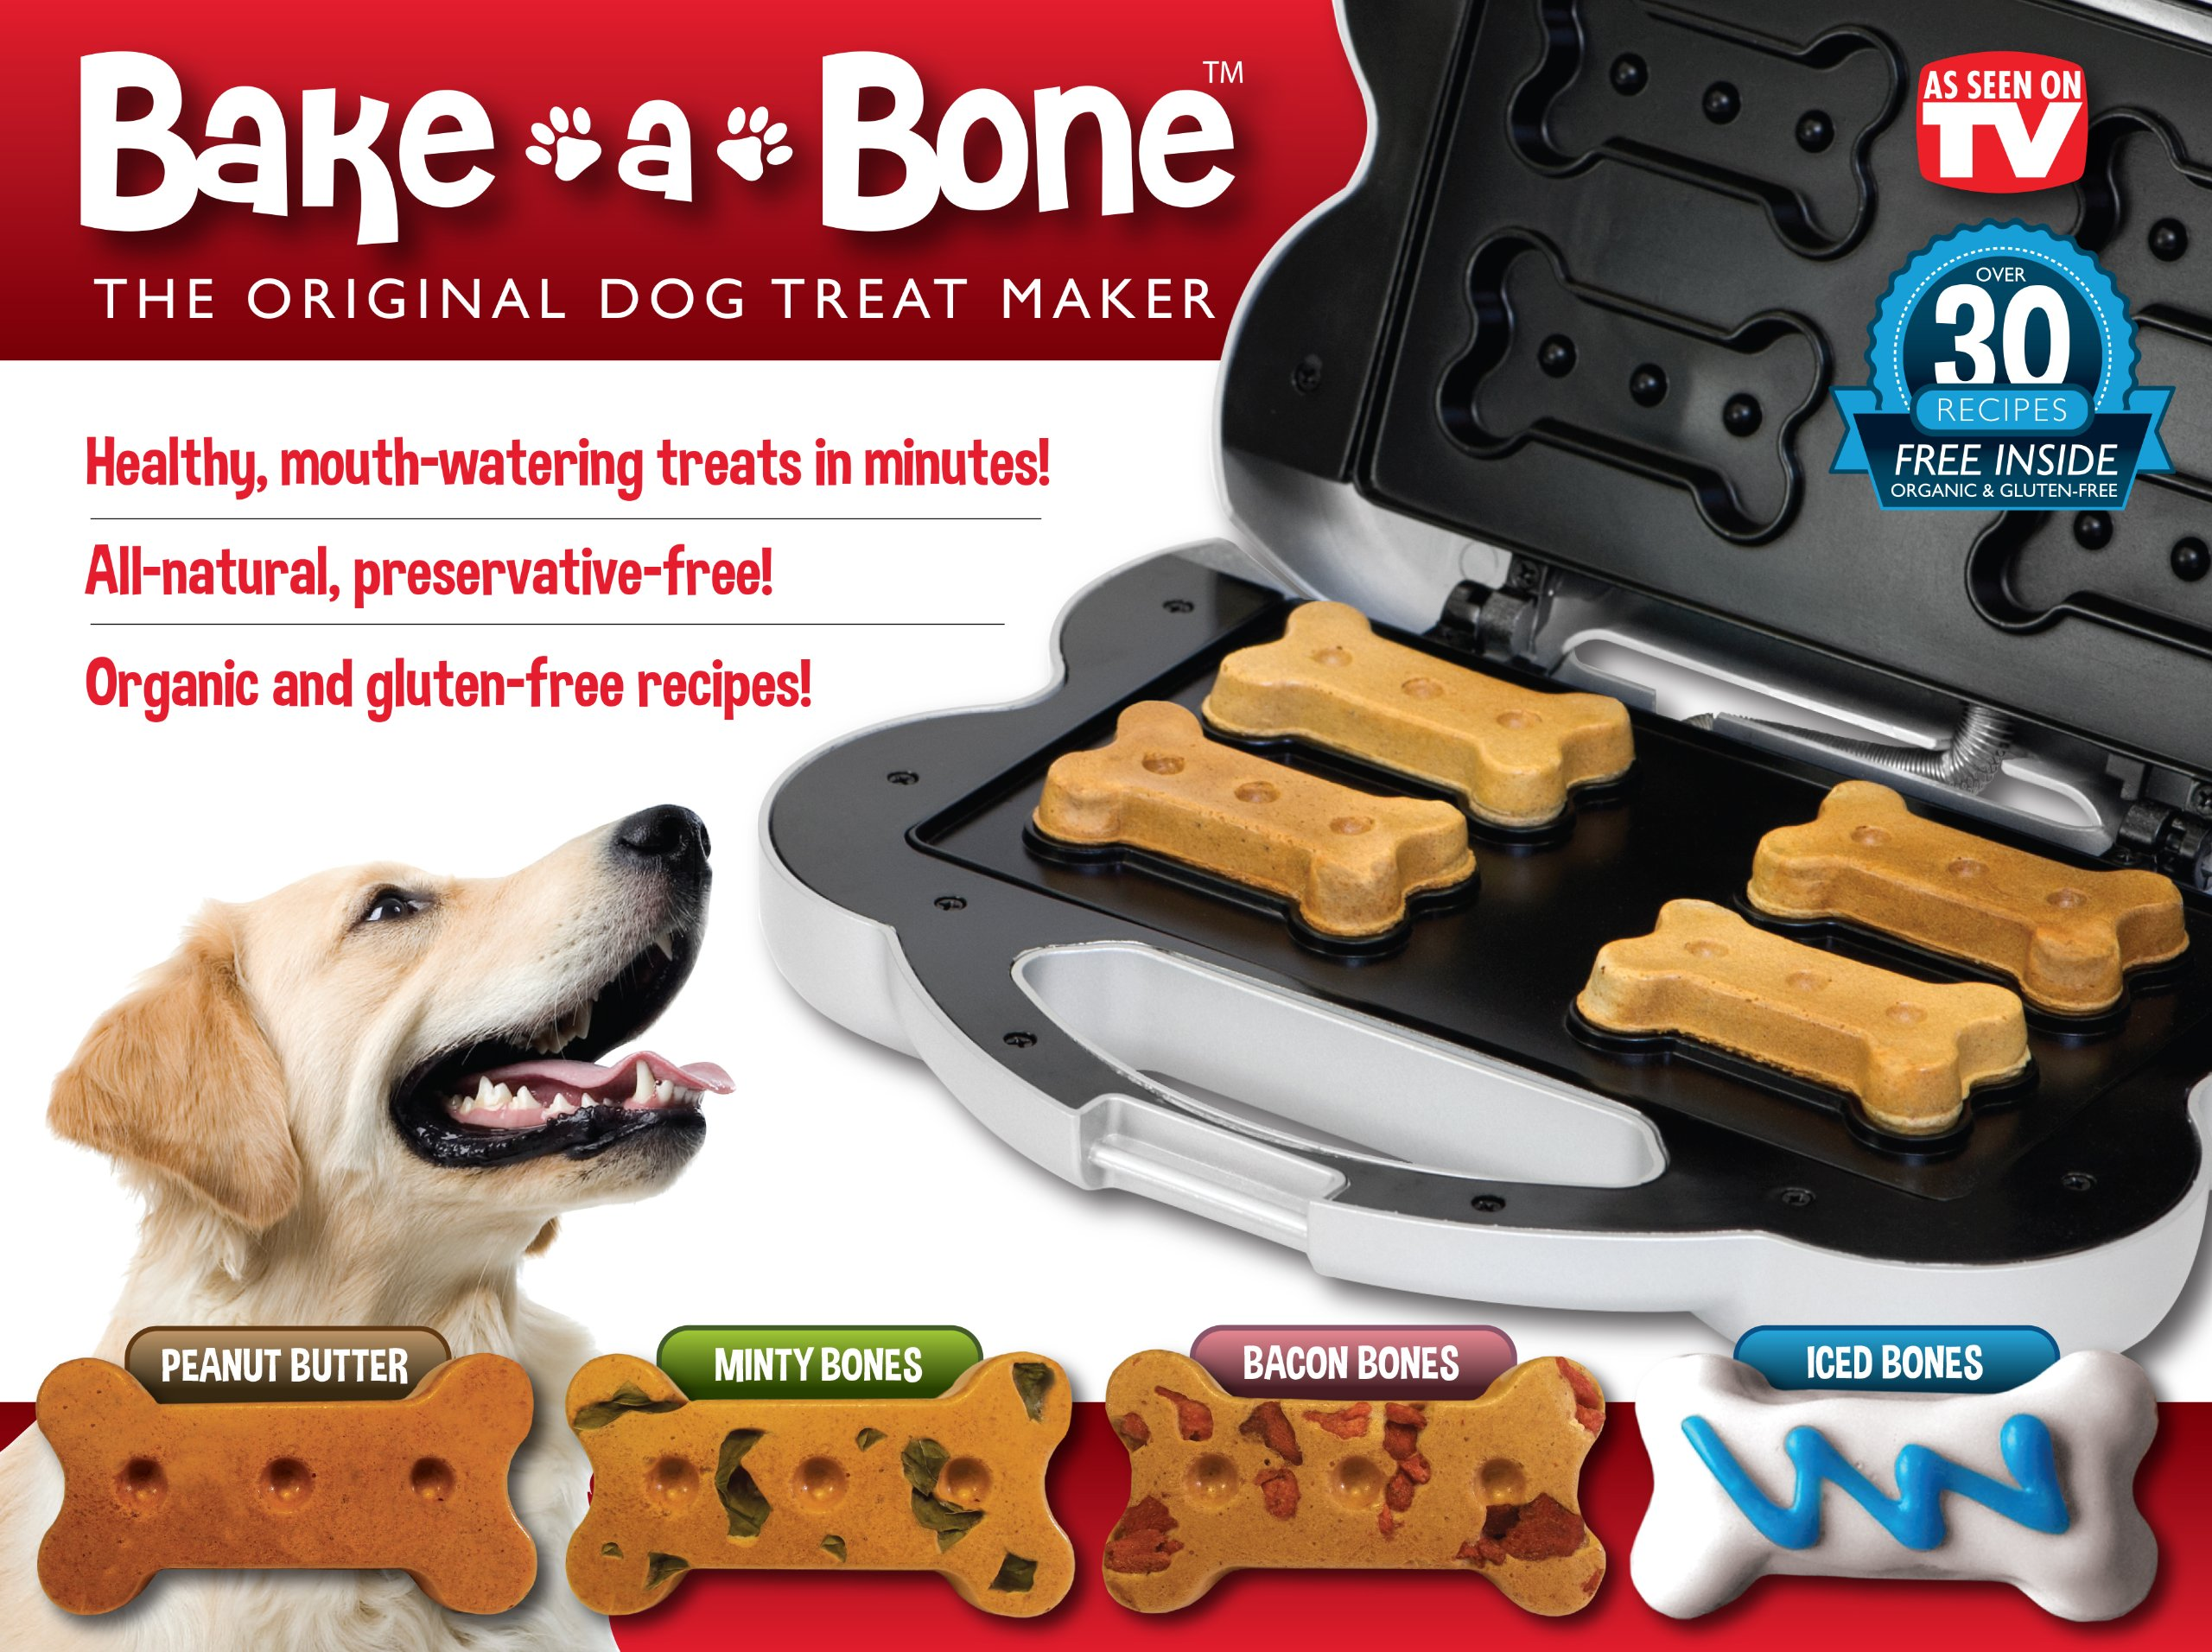 Bake-A-Bone The Original Dog Treat Maker